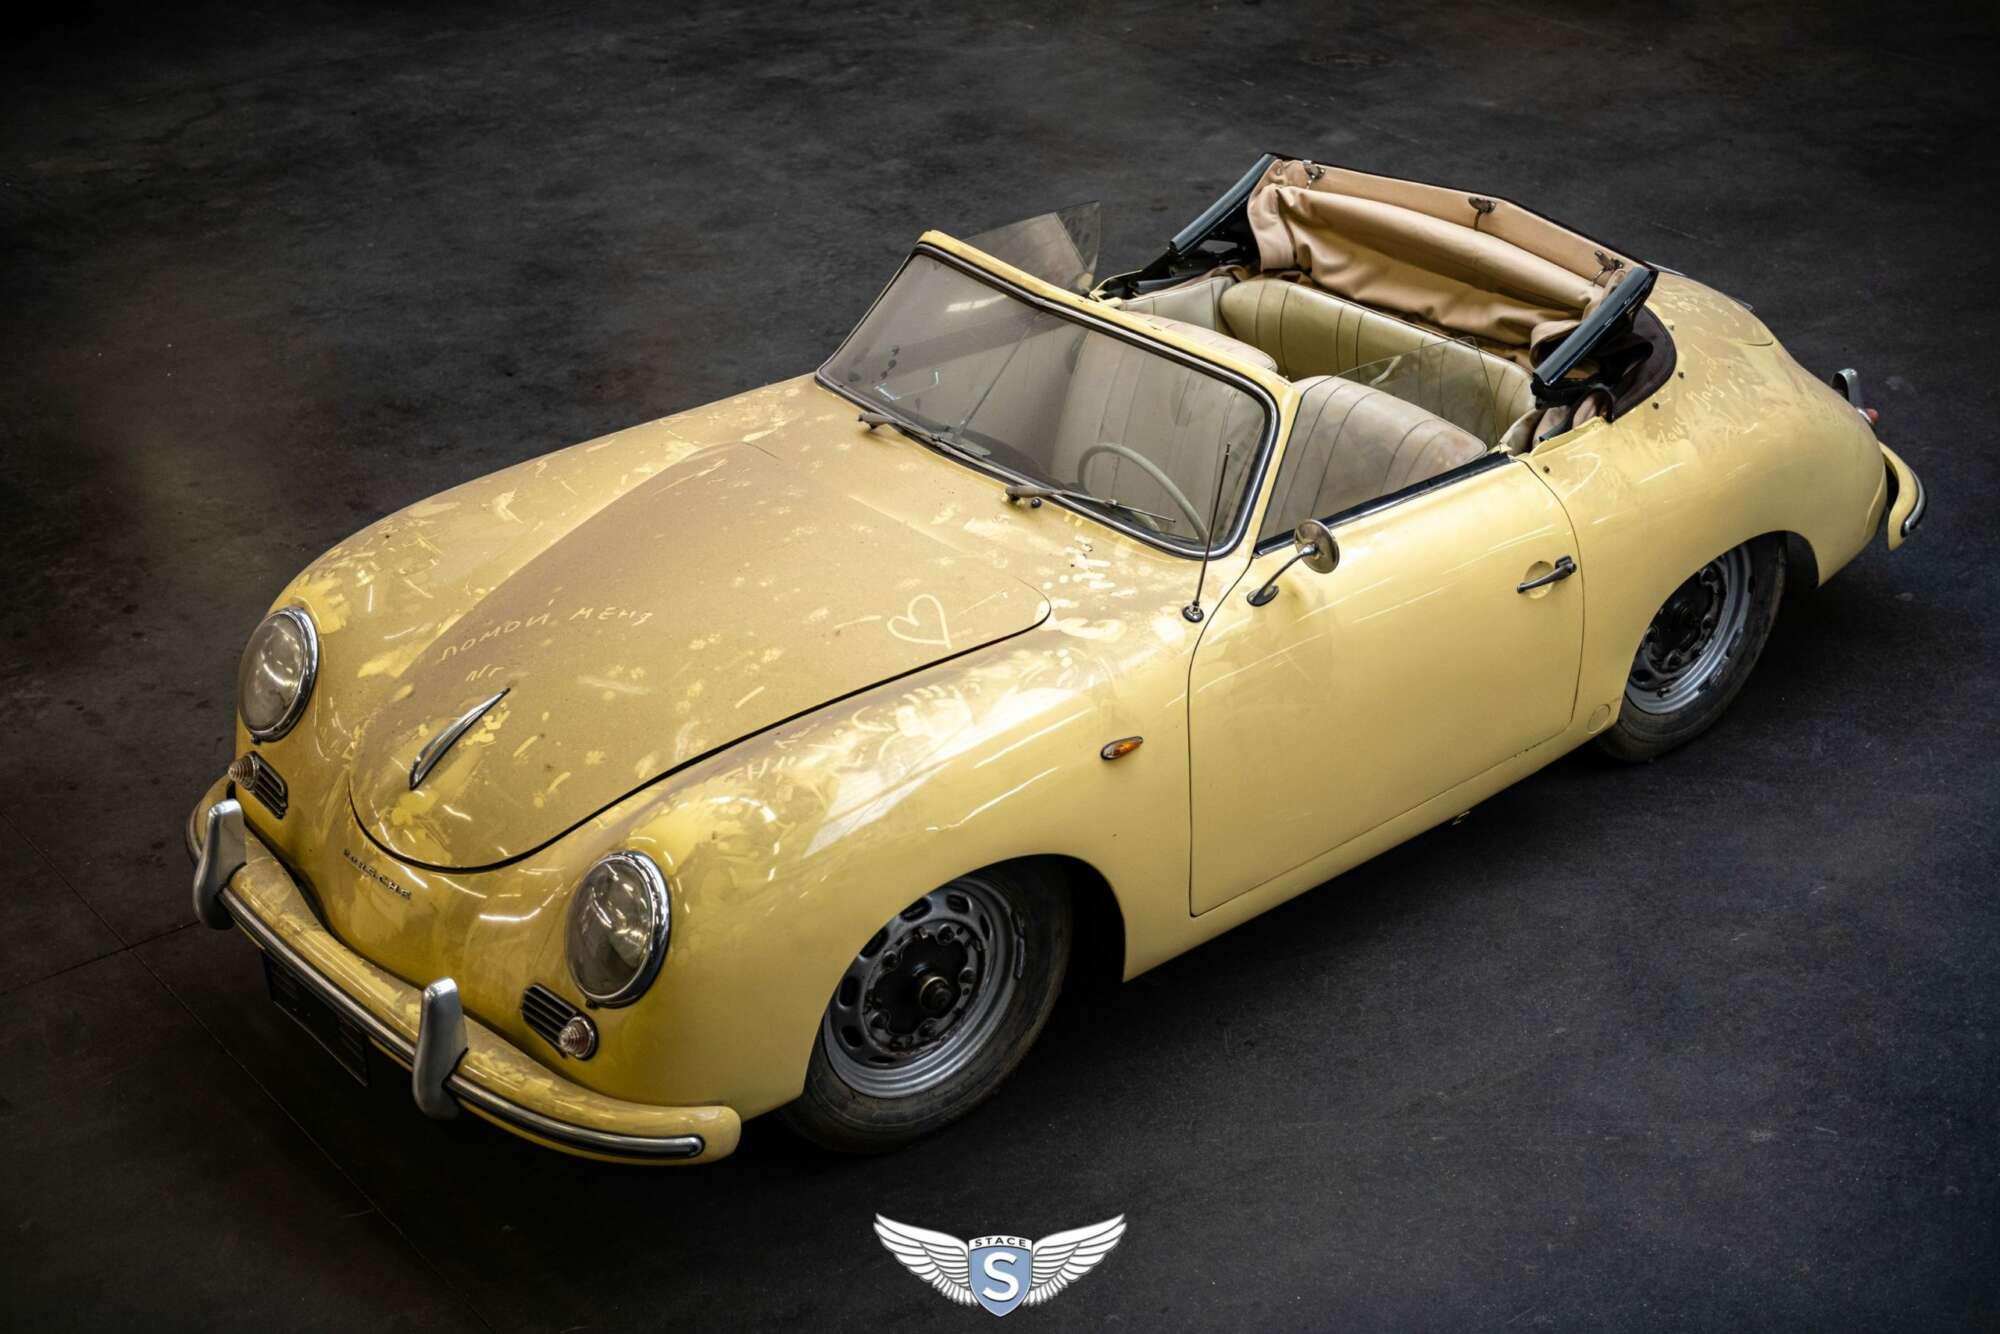 Porsche 356 Pre-A 1500 Super